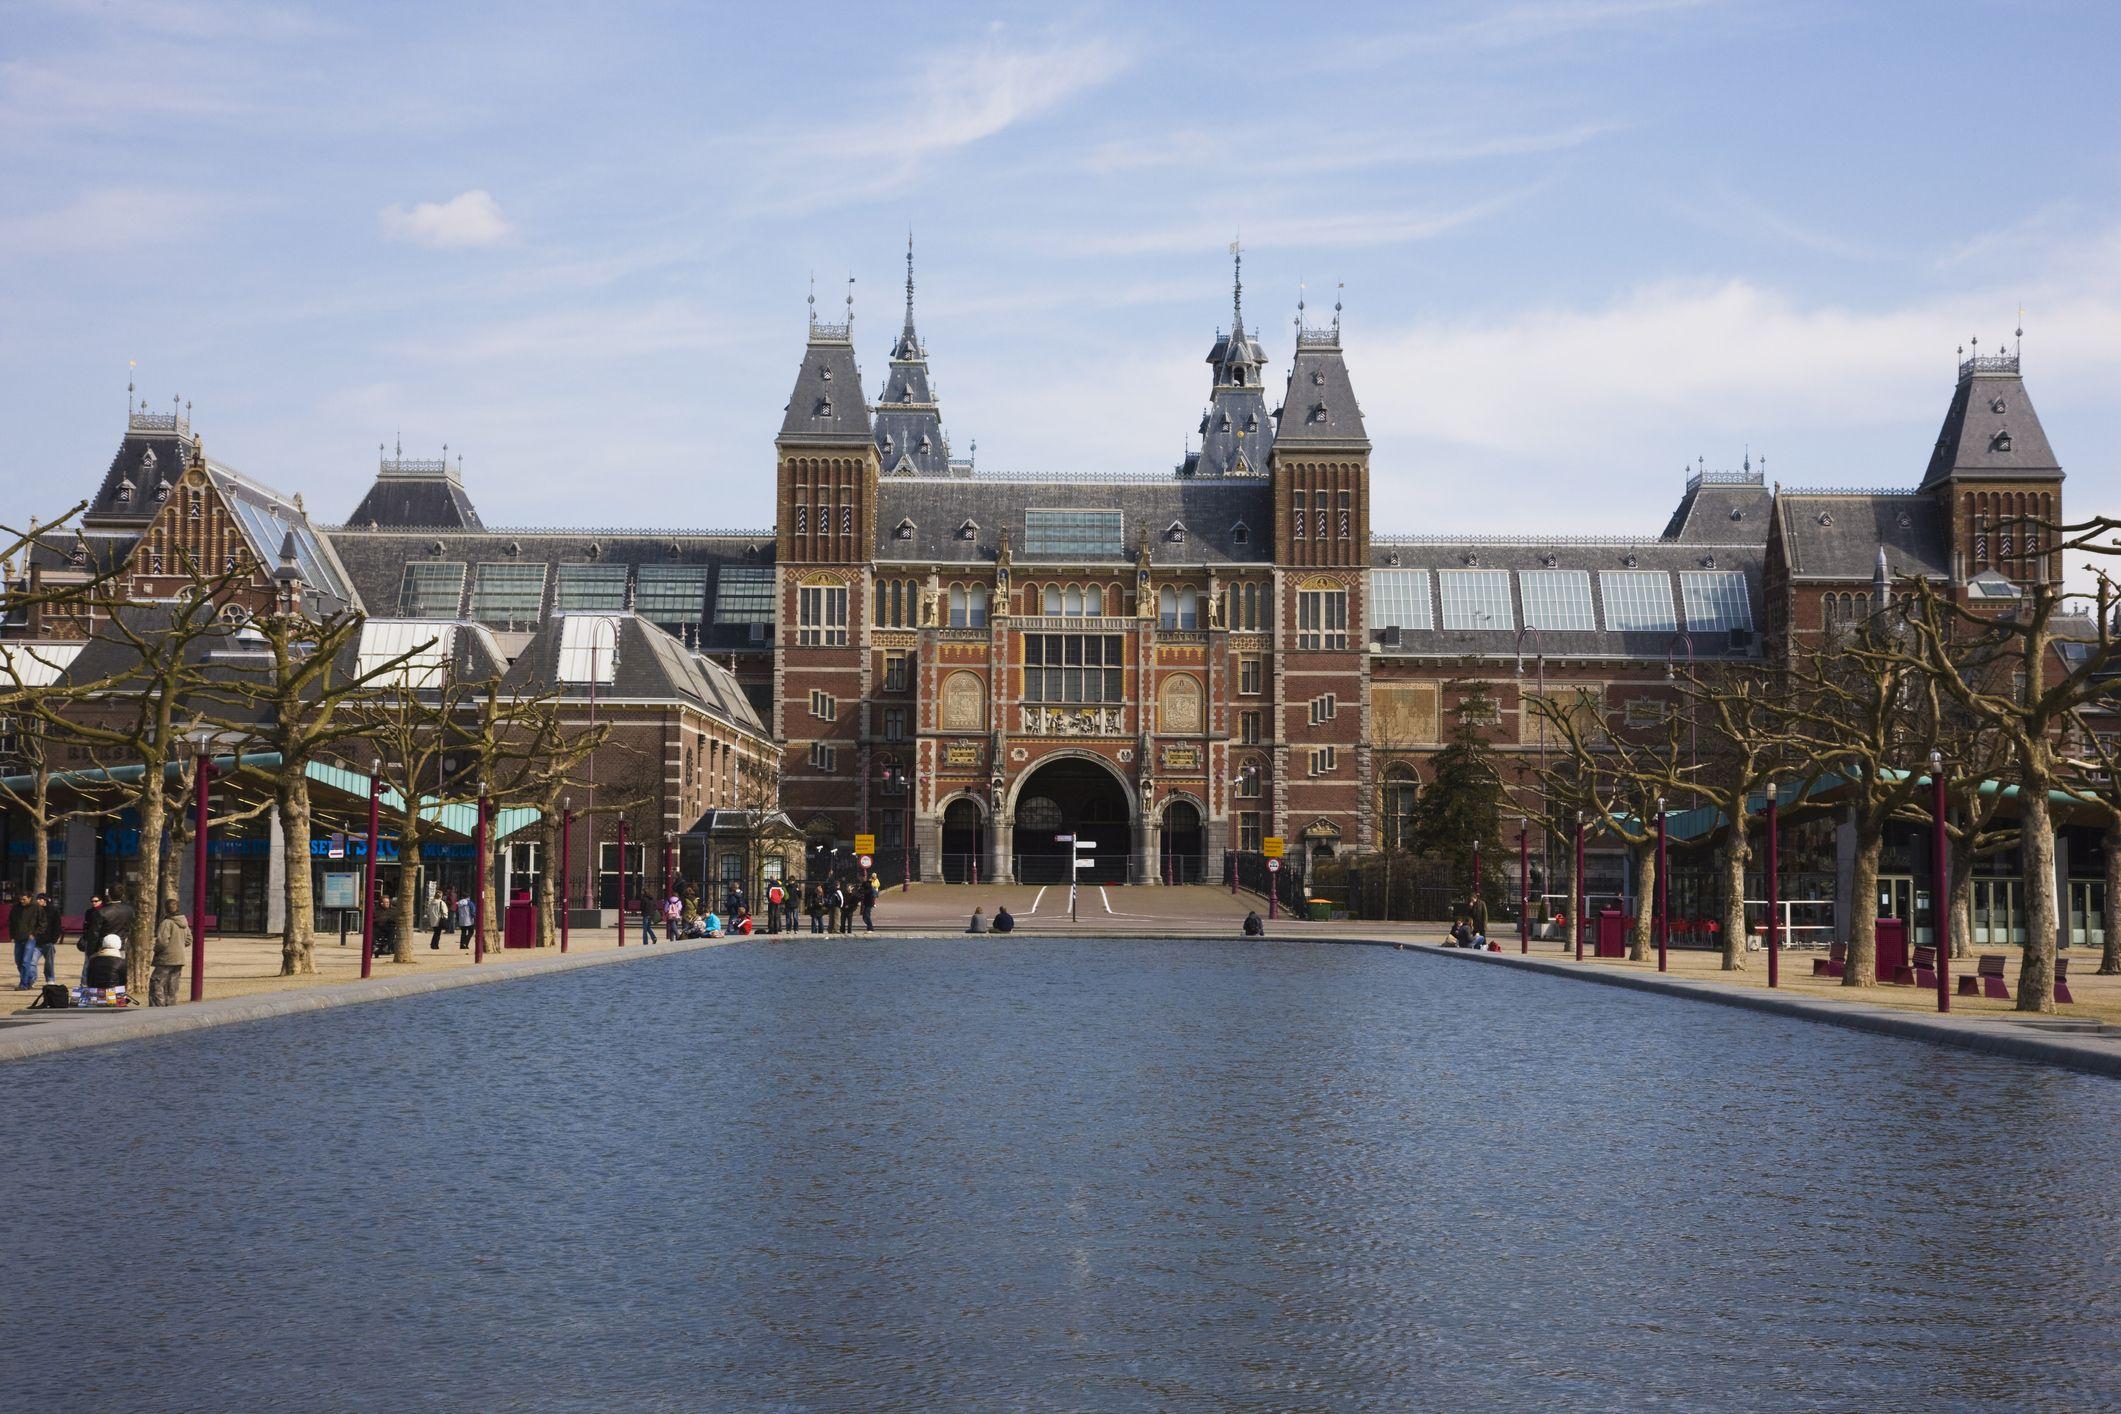 Gratis workshops/activiteiten van het Rijksmuseum